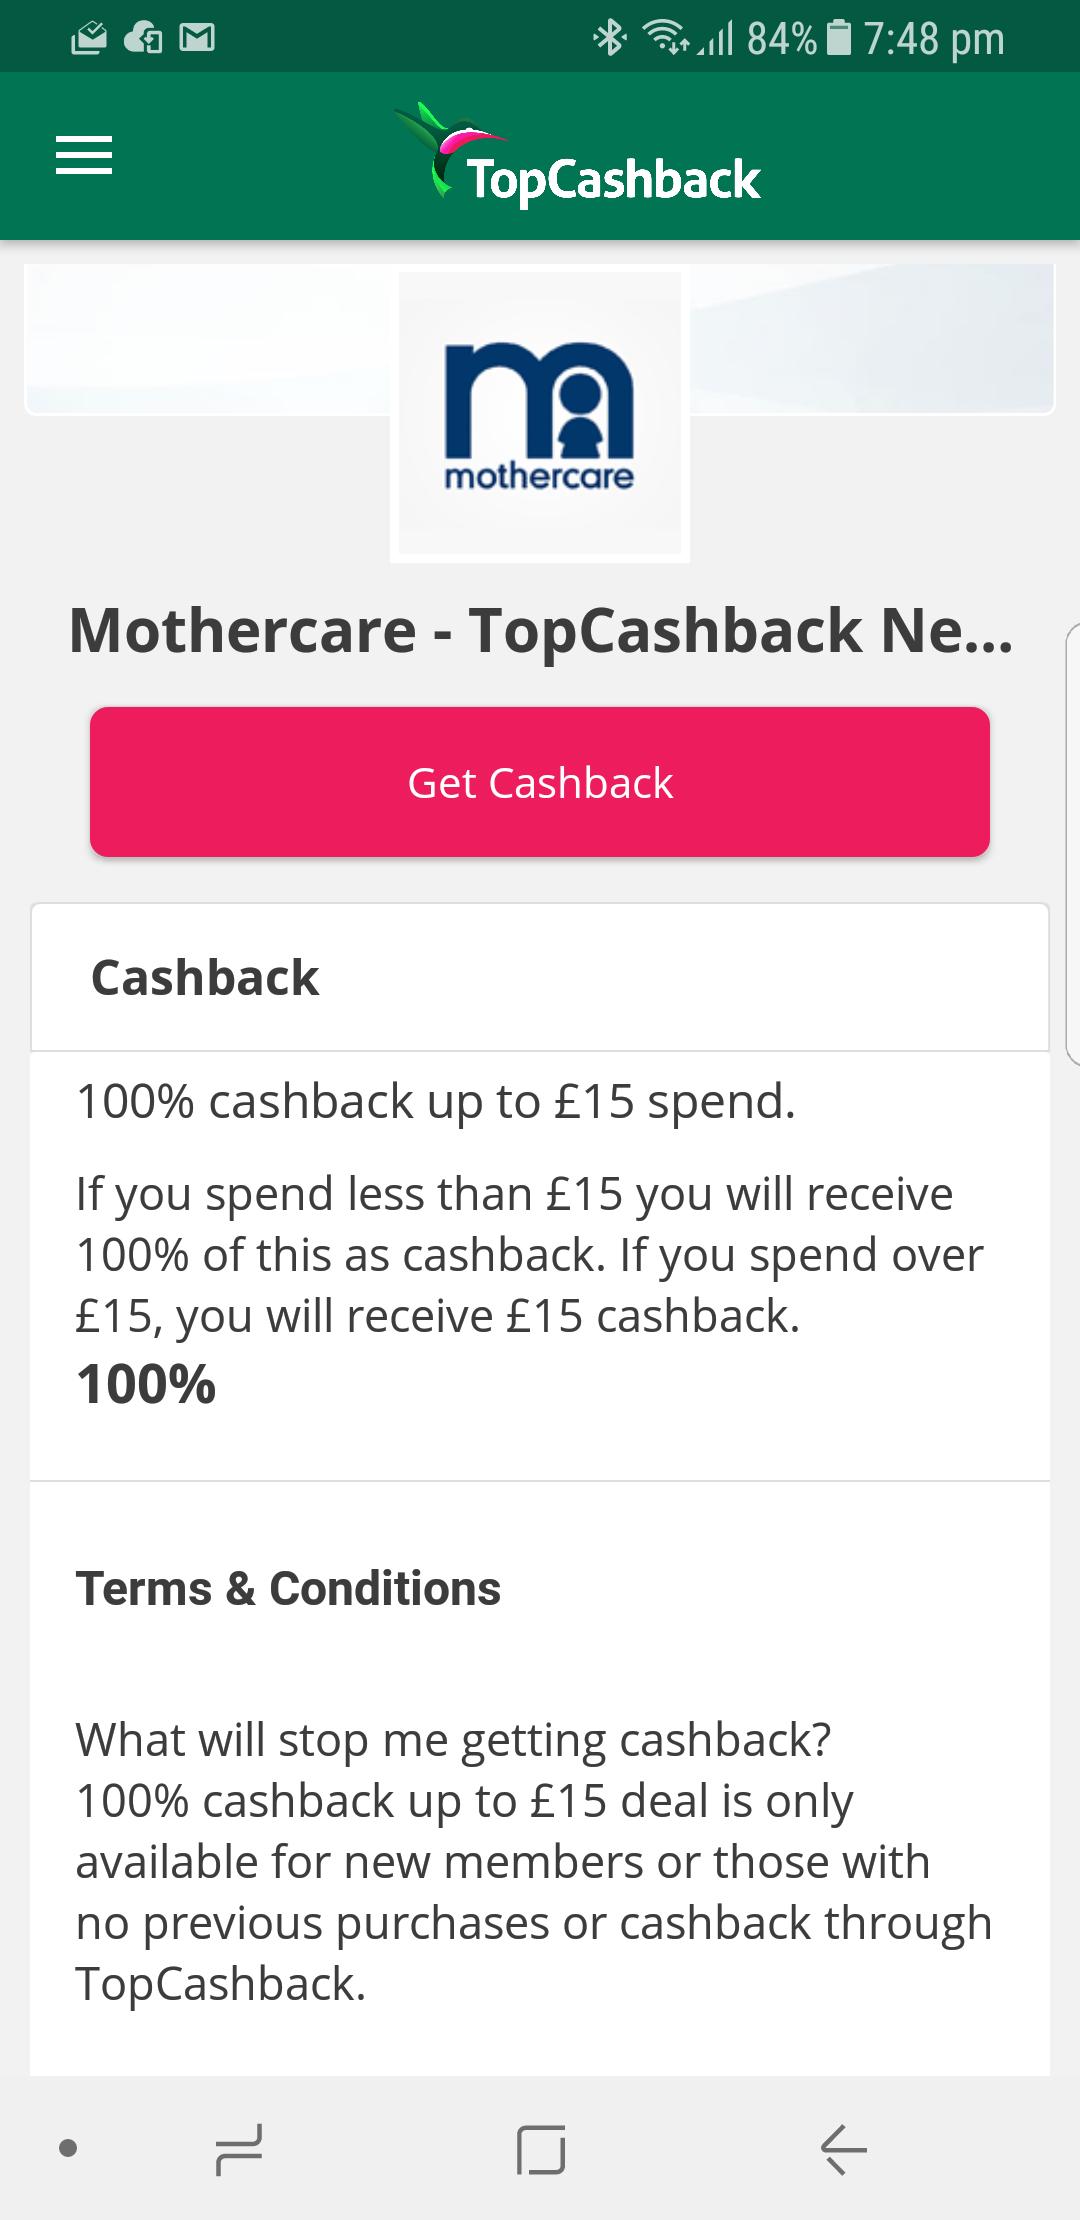 Get 100% cashback up to £15 spend - Mothercare via TopCashback